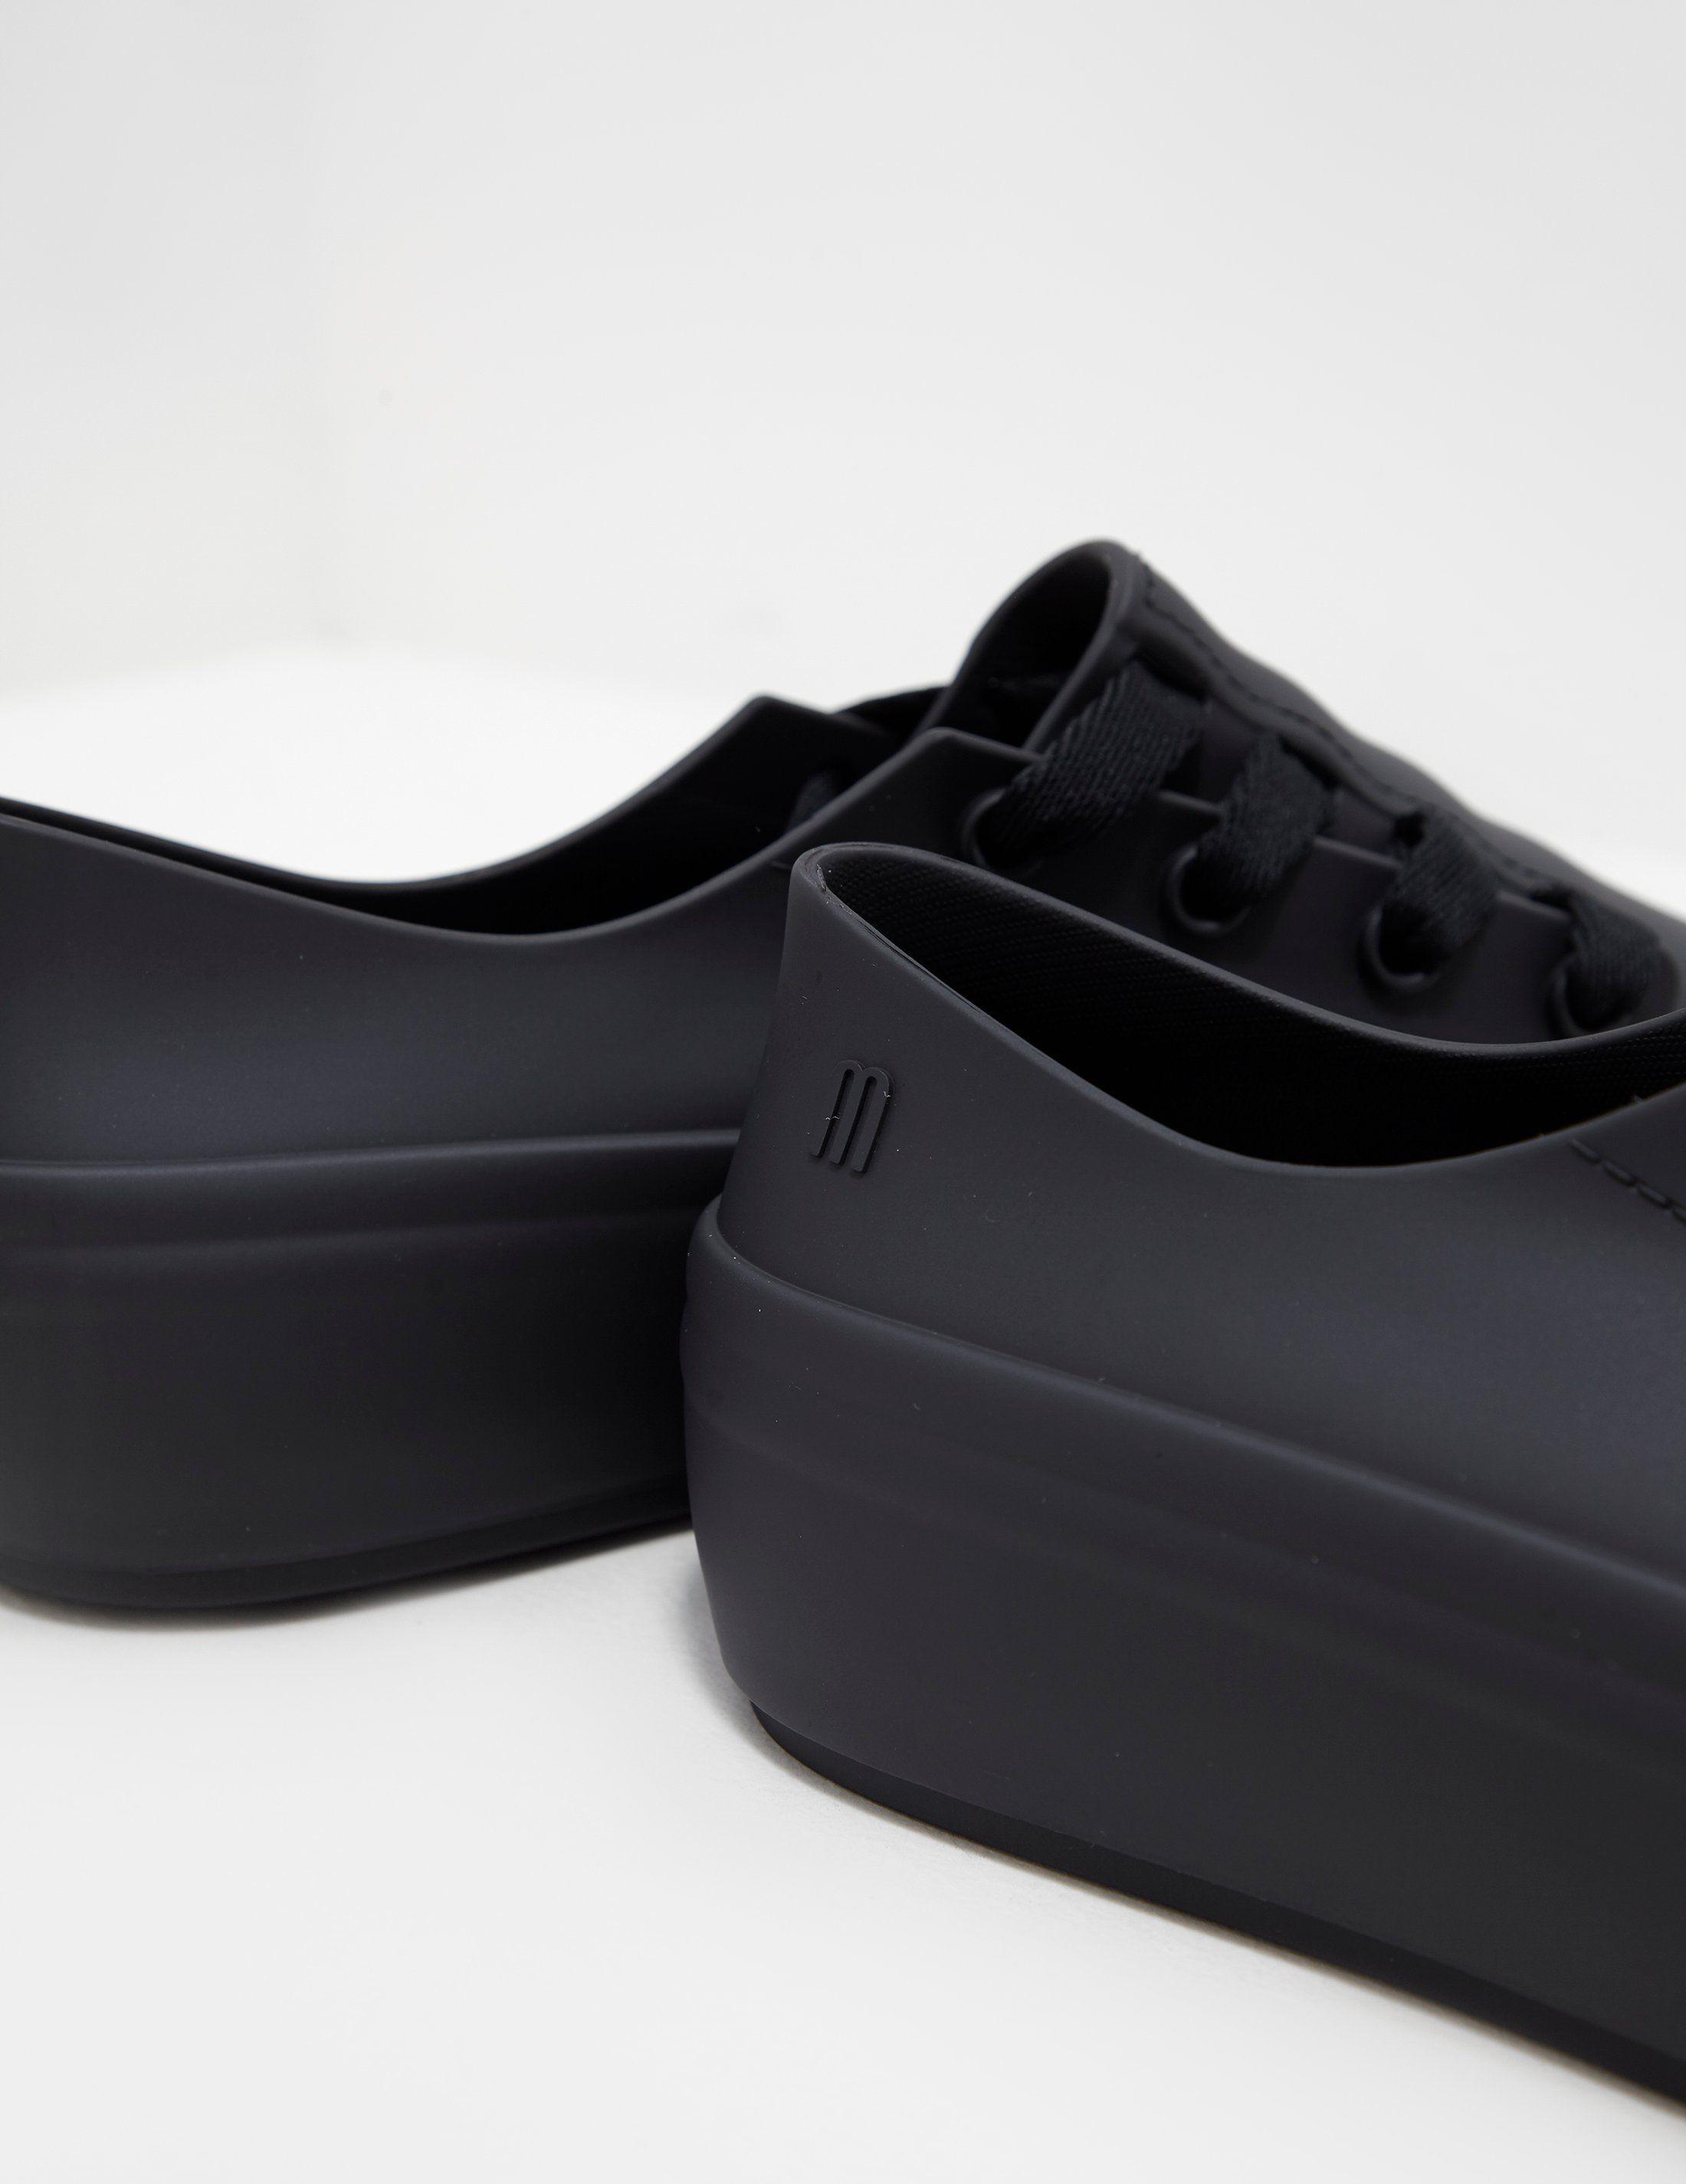 Melissa Ultisa Sneakers - Online Exclusive